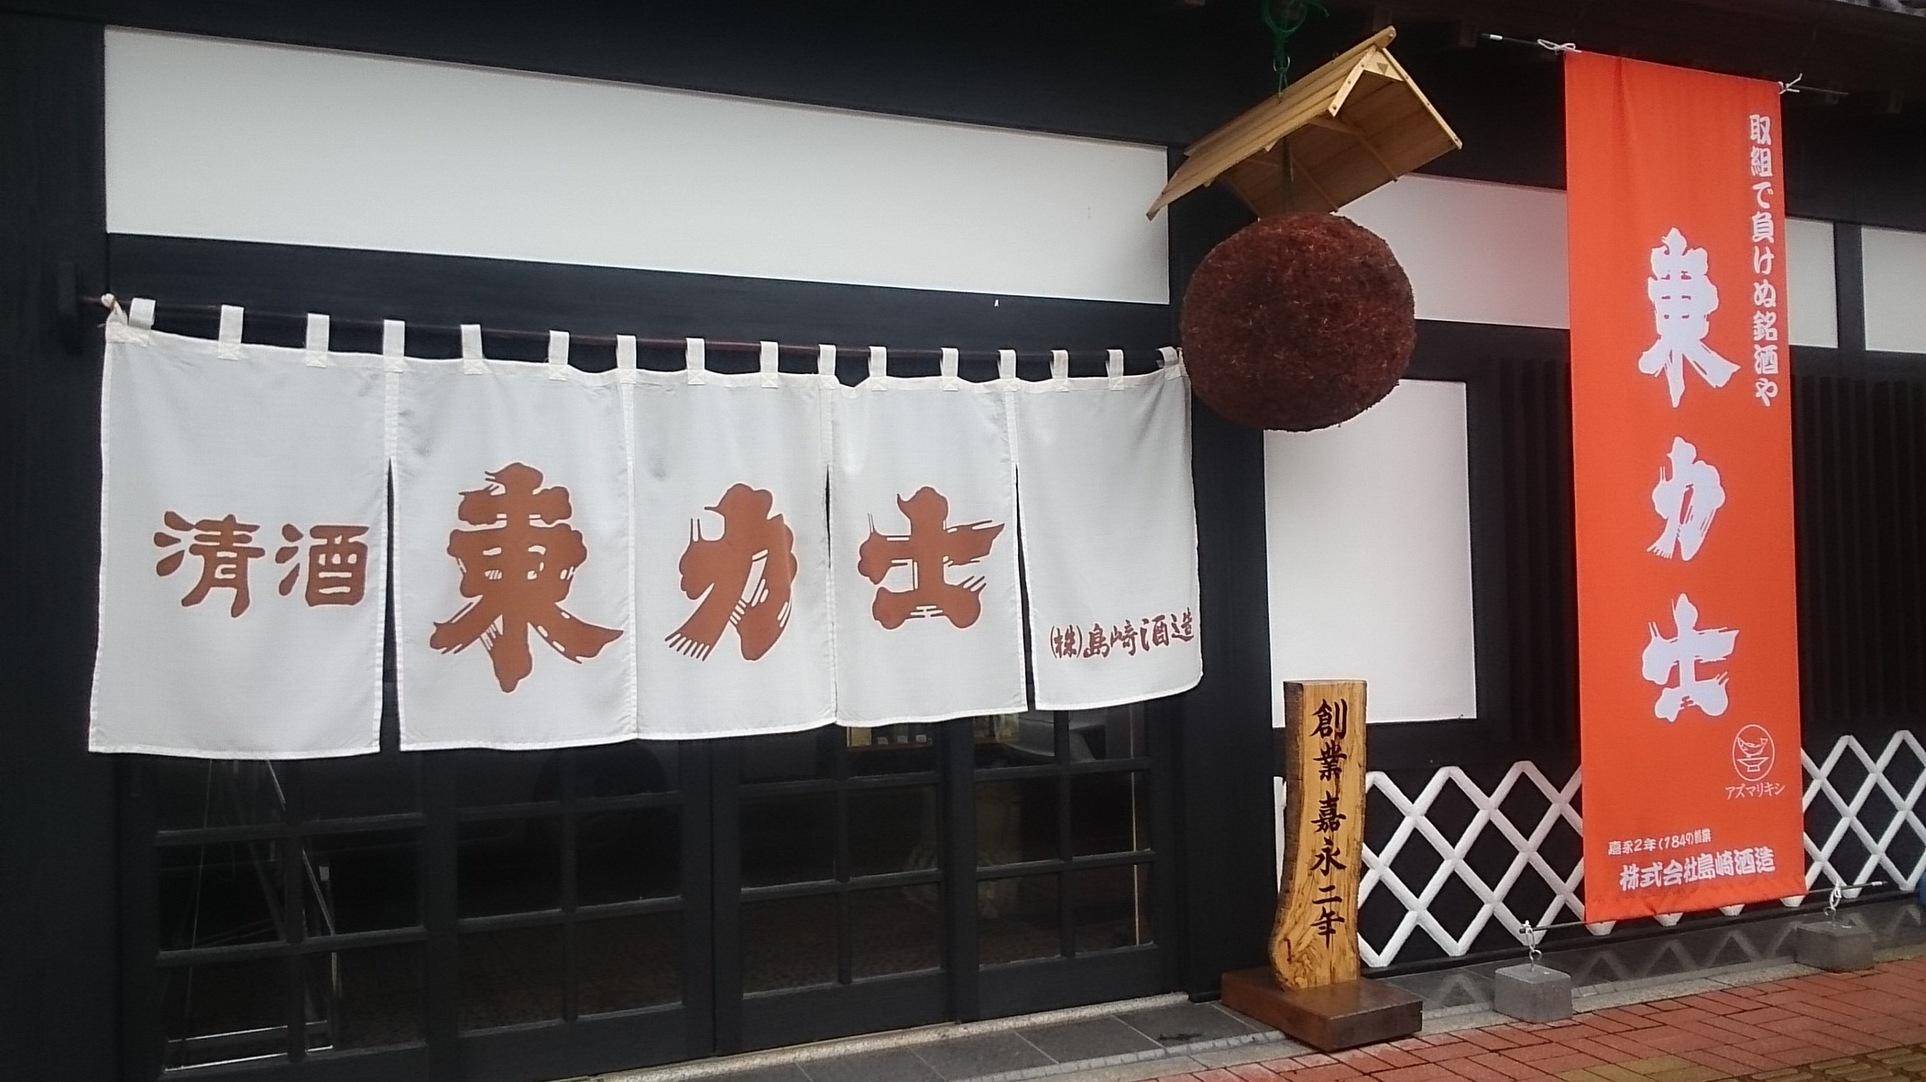 島崎酒造 name=